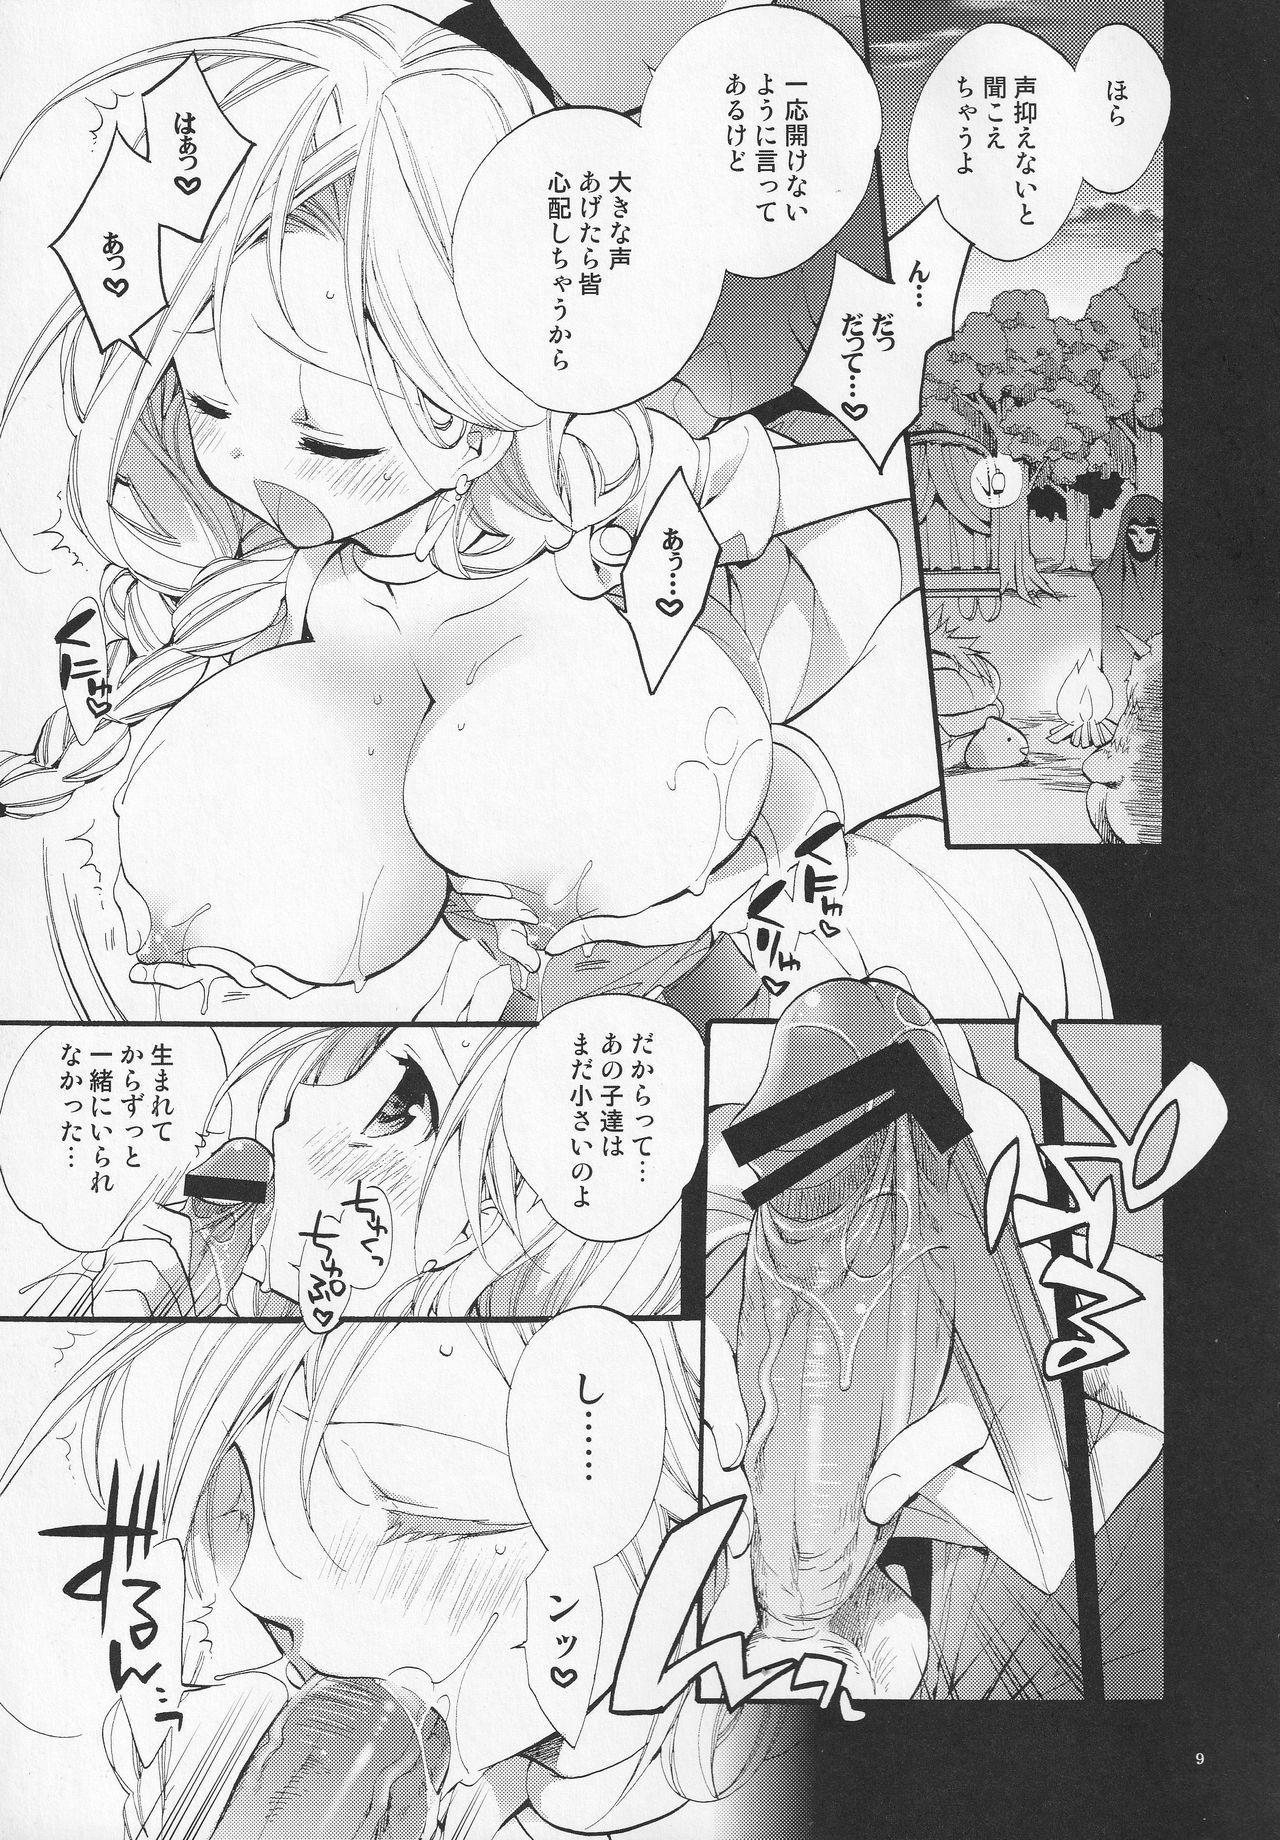 Tenkuu no Koibito 7